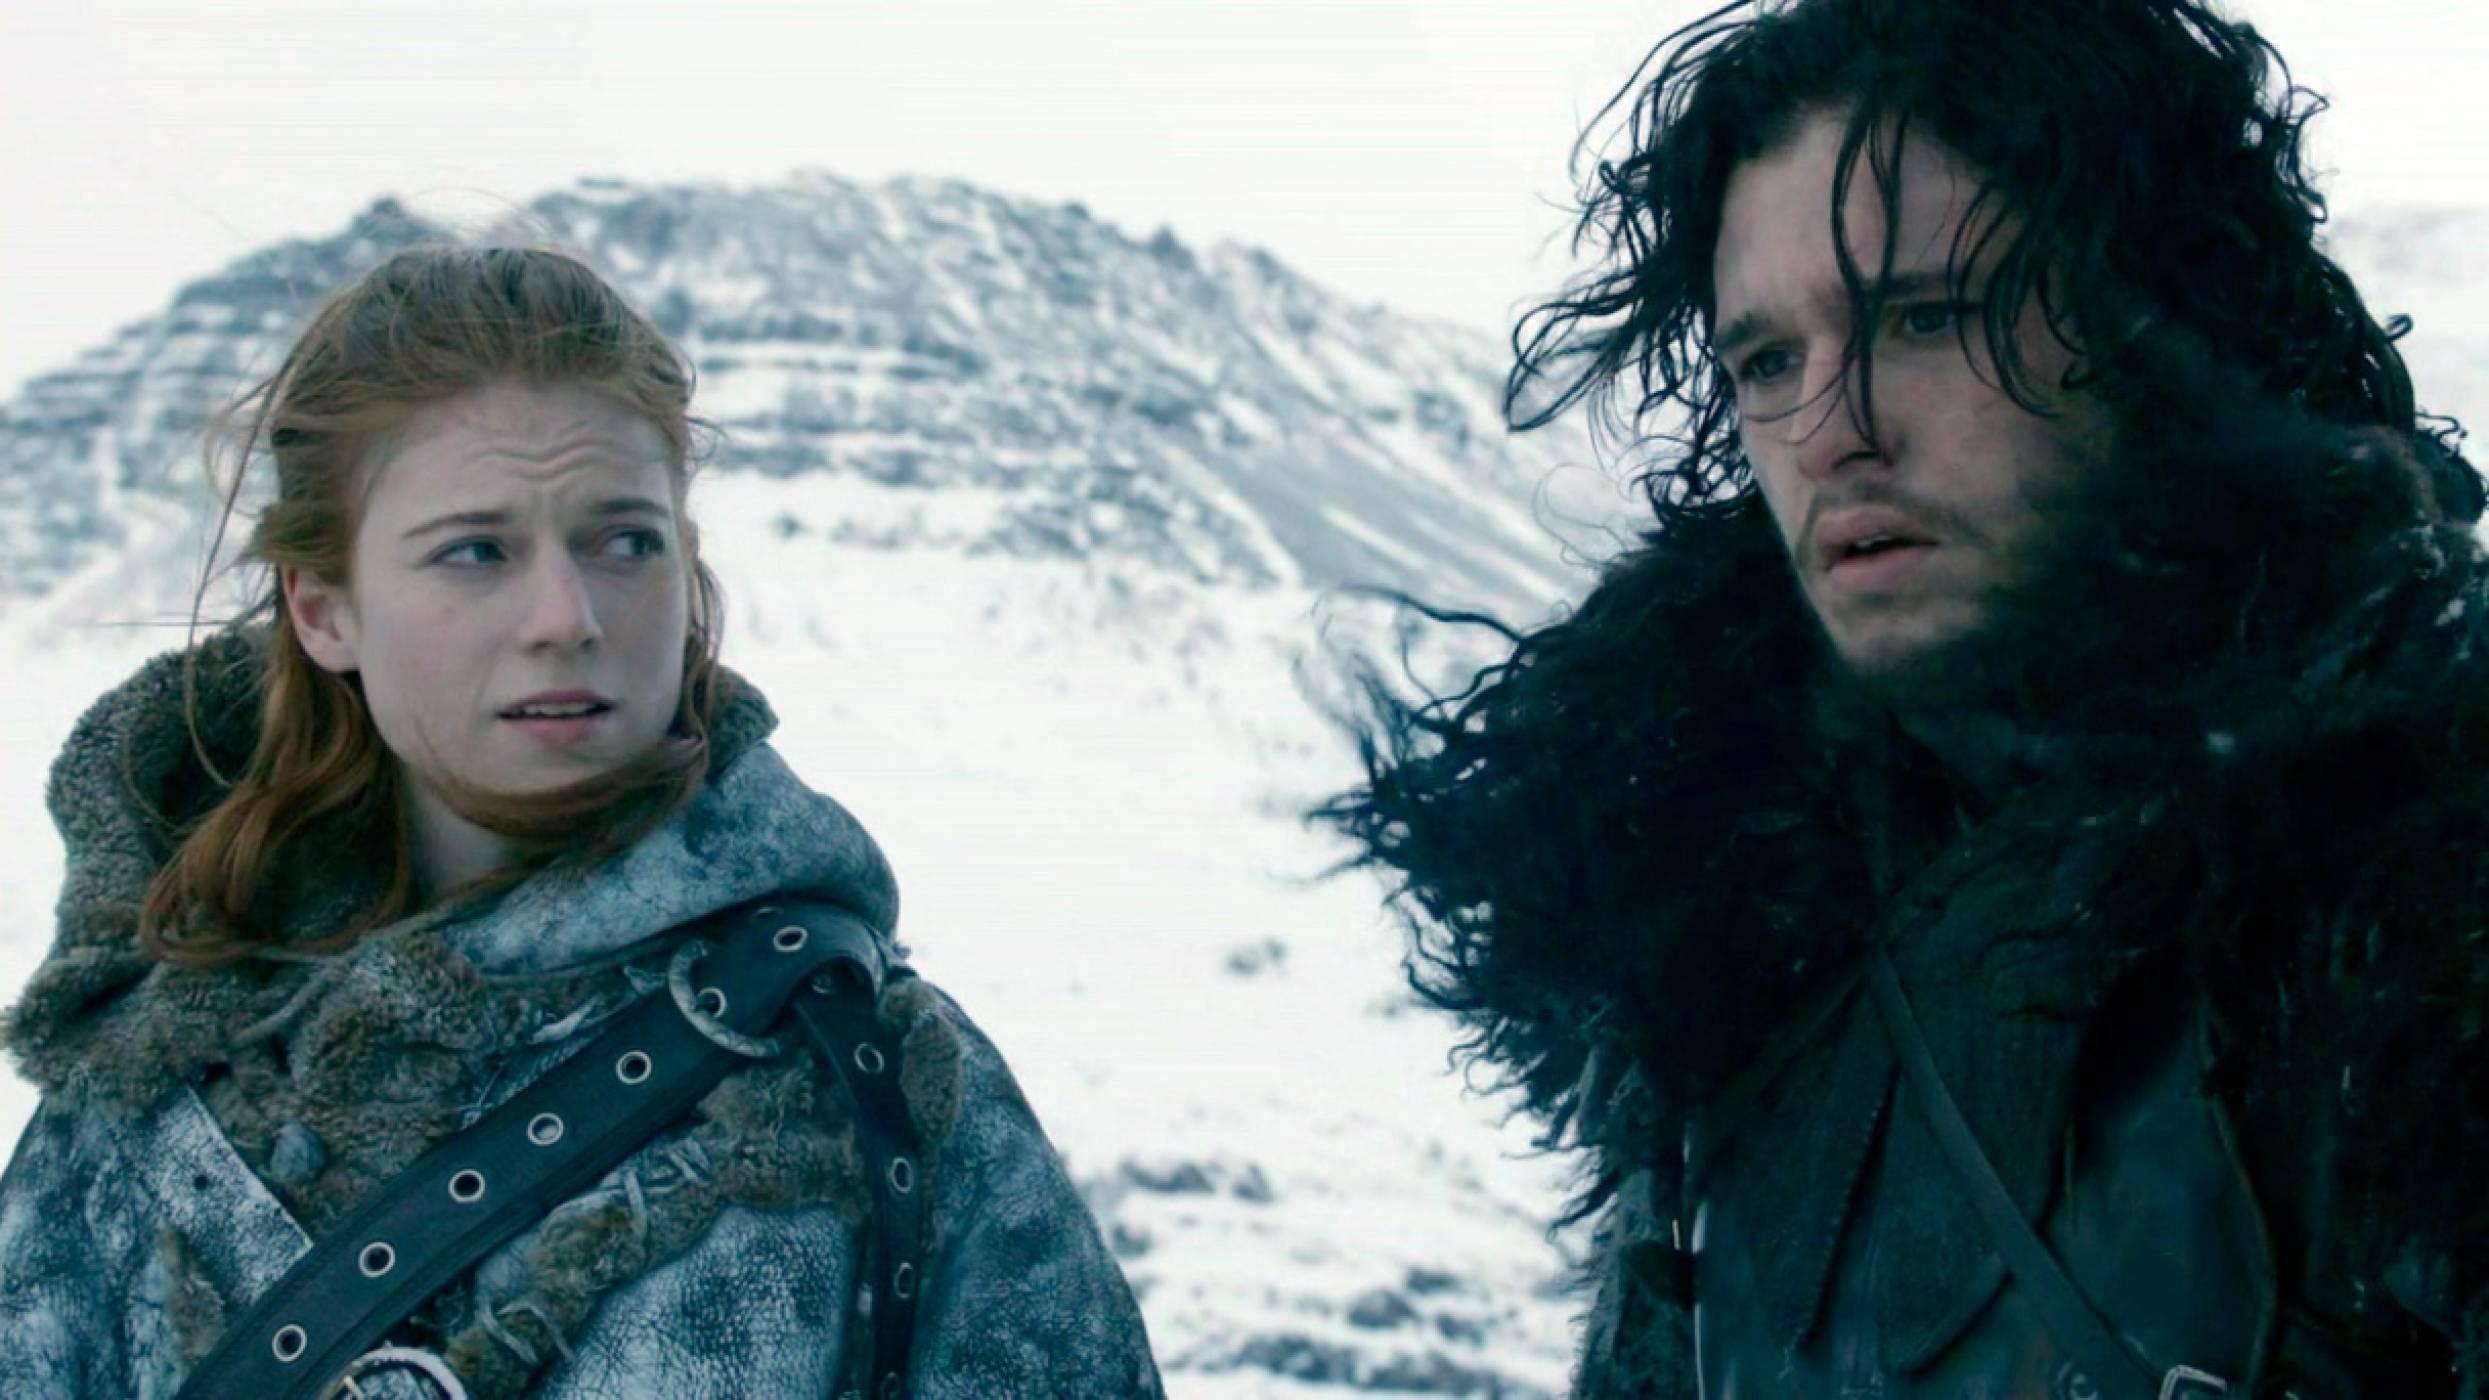 Феновете на Game of Thrones полудяха: Кит Харингтън и Роуз Лесли се сгодиха